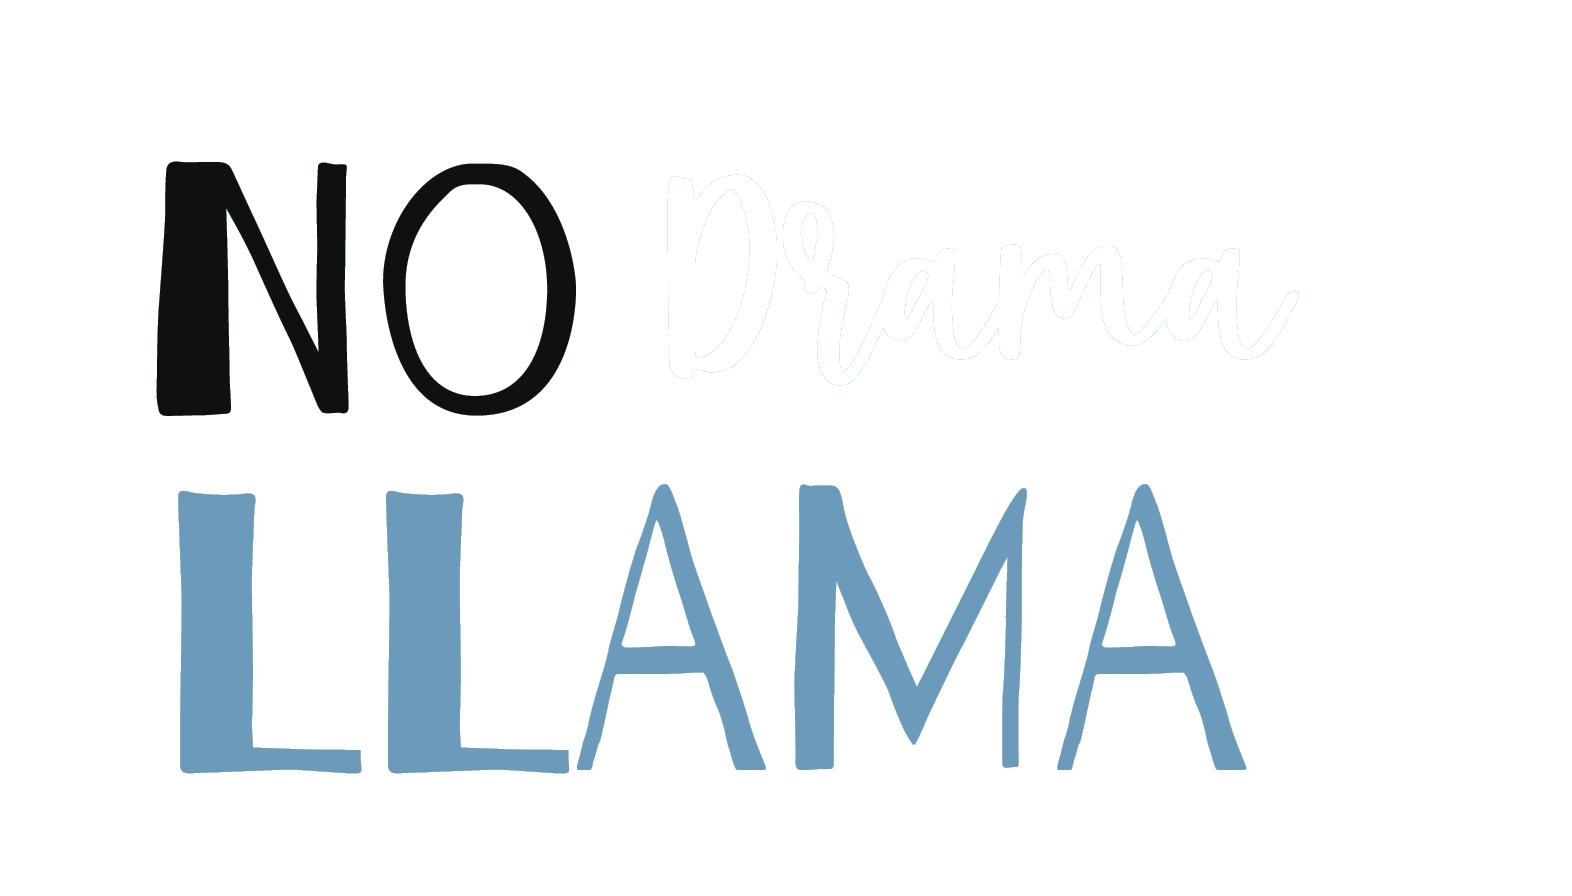 No drama, llama el lama